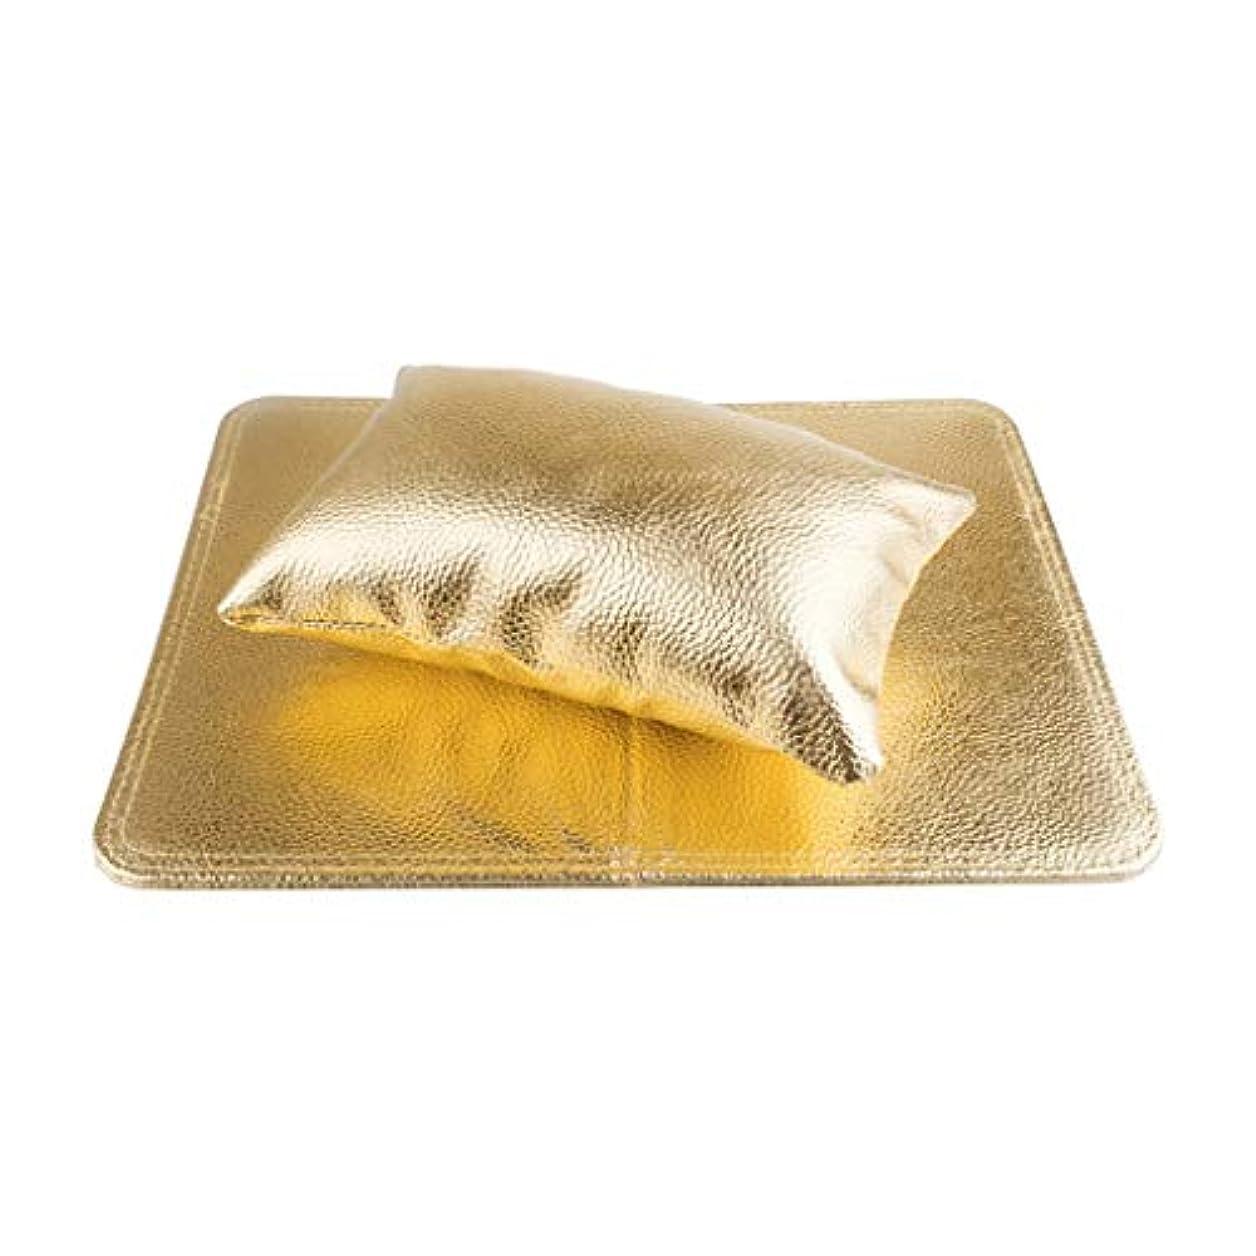 更新するフィードバナーLazayyii ネイルセットハンドピローリストピロースポンジレザー折りたたみハンドピローパッド (ゴールド)